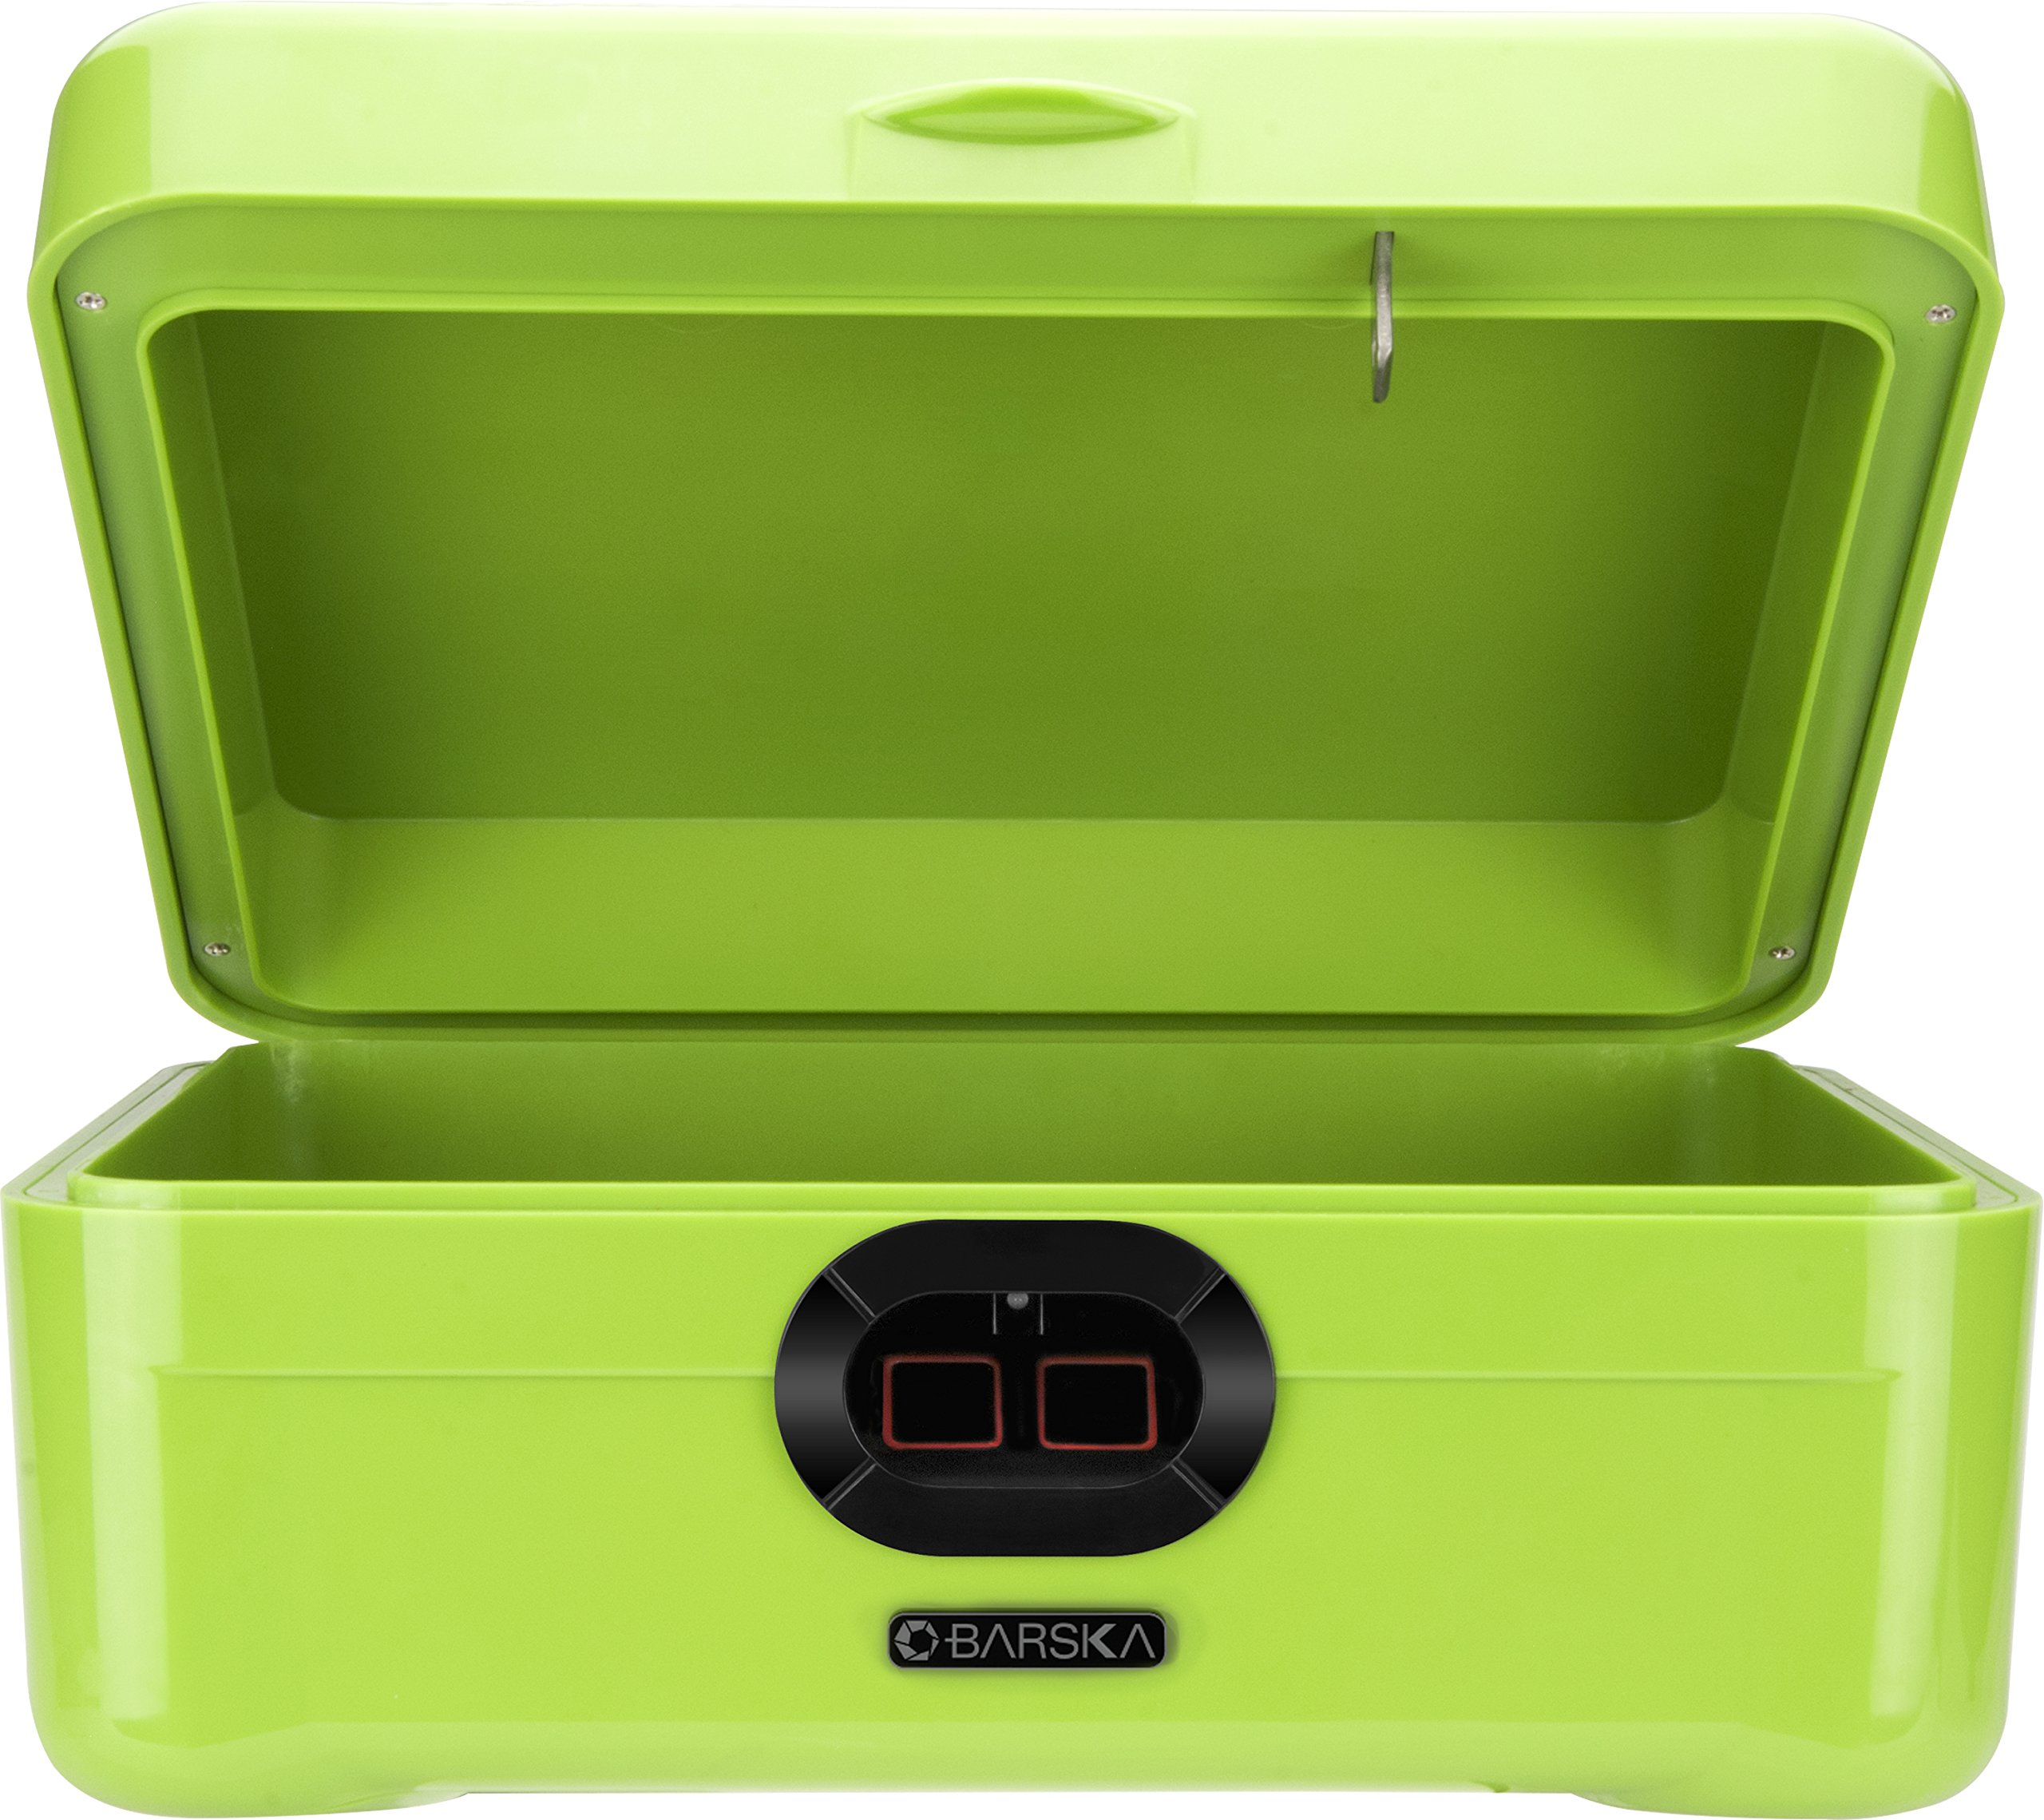 winbest Dual Biometric Quick Access Portable Fingerprint Secure Safe Box